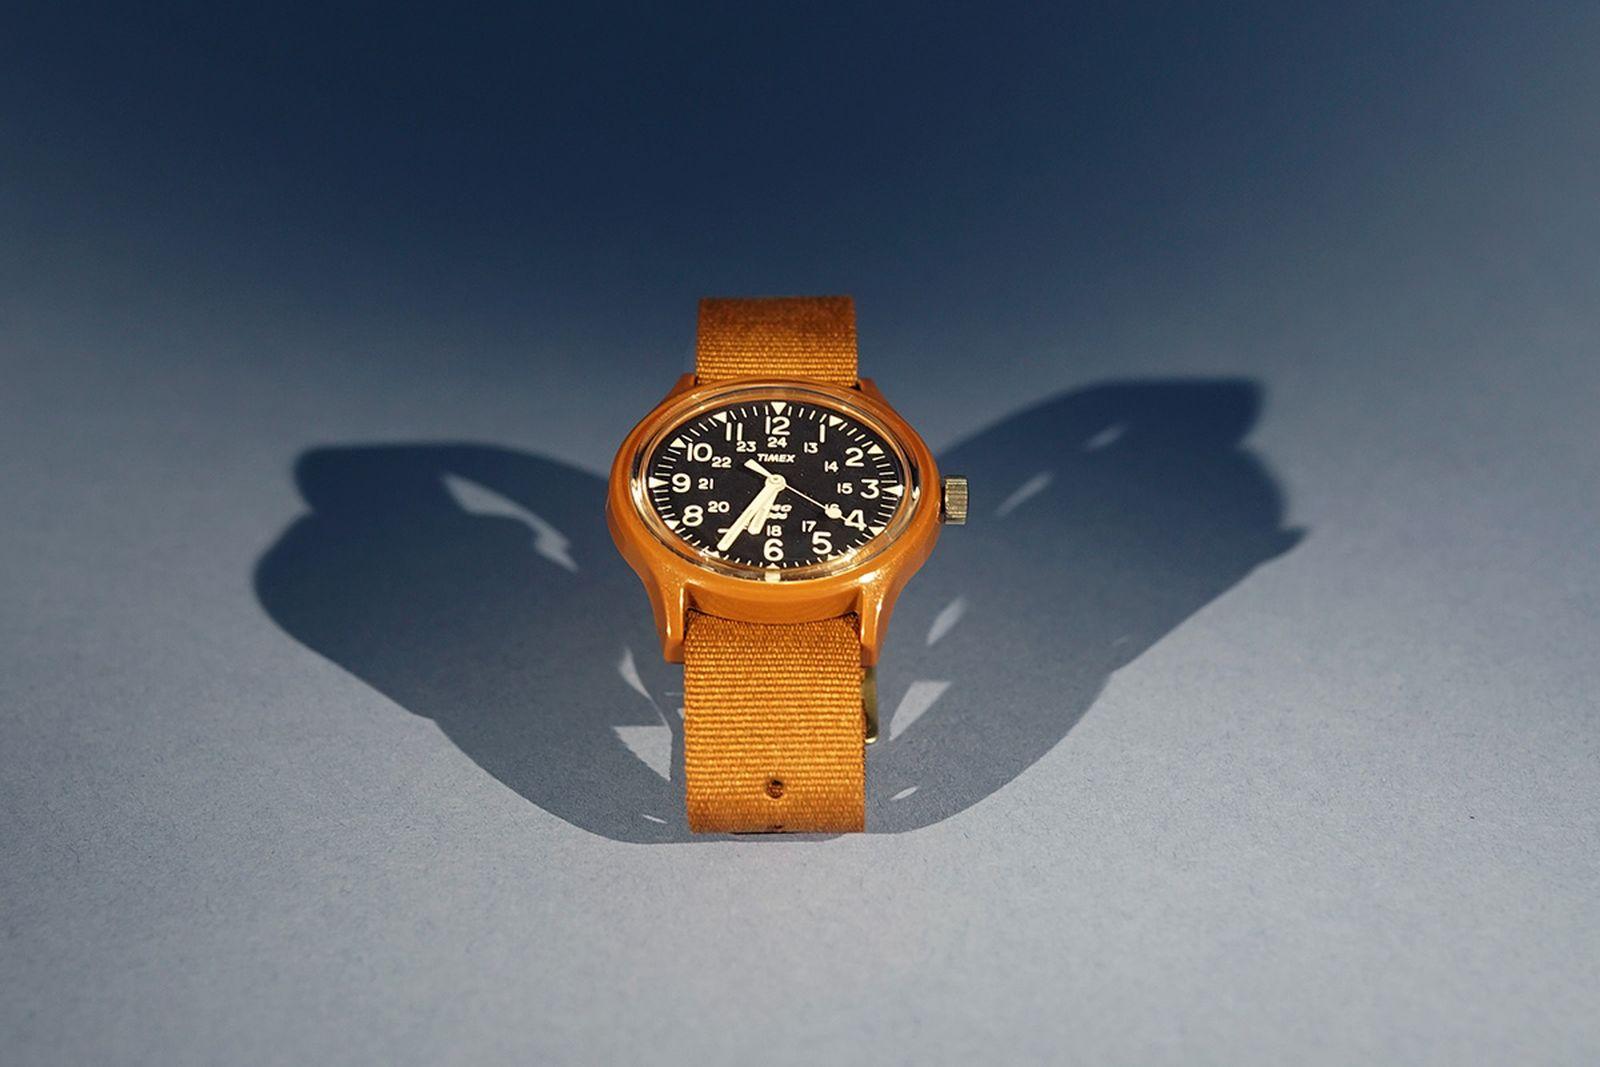 ymc timex mk1 watch burnt rubber brown